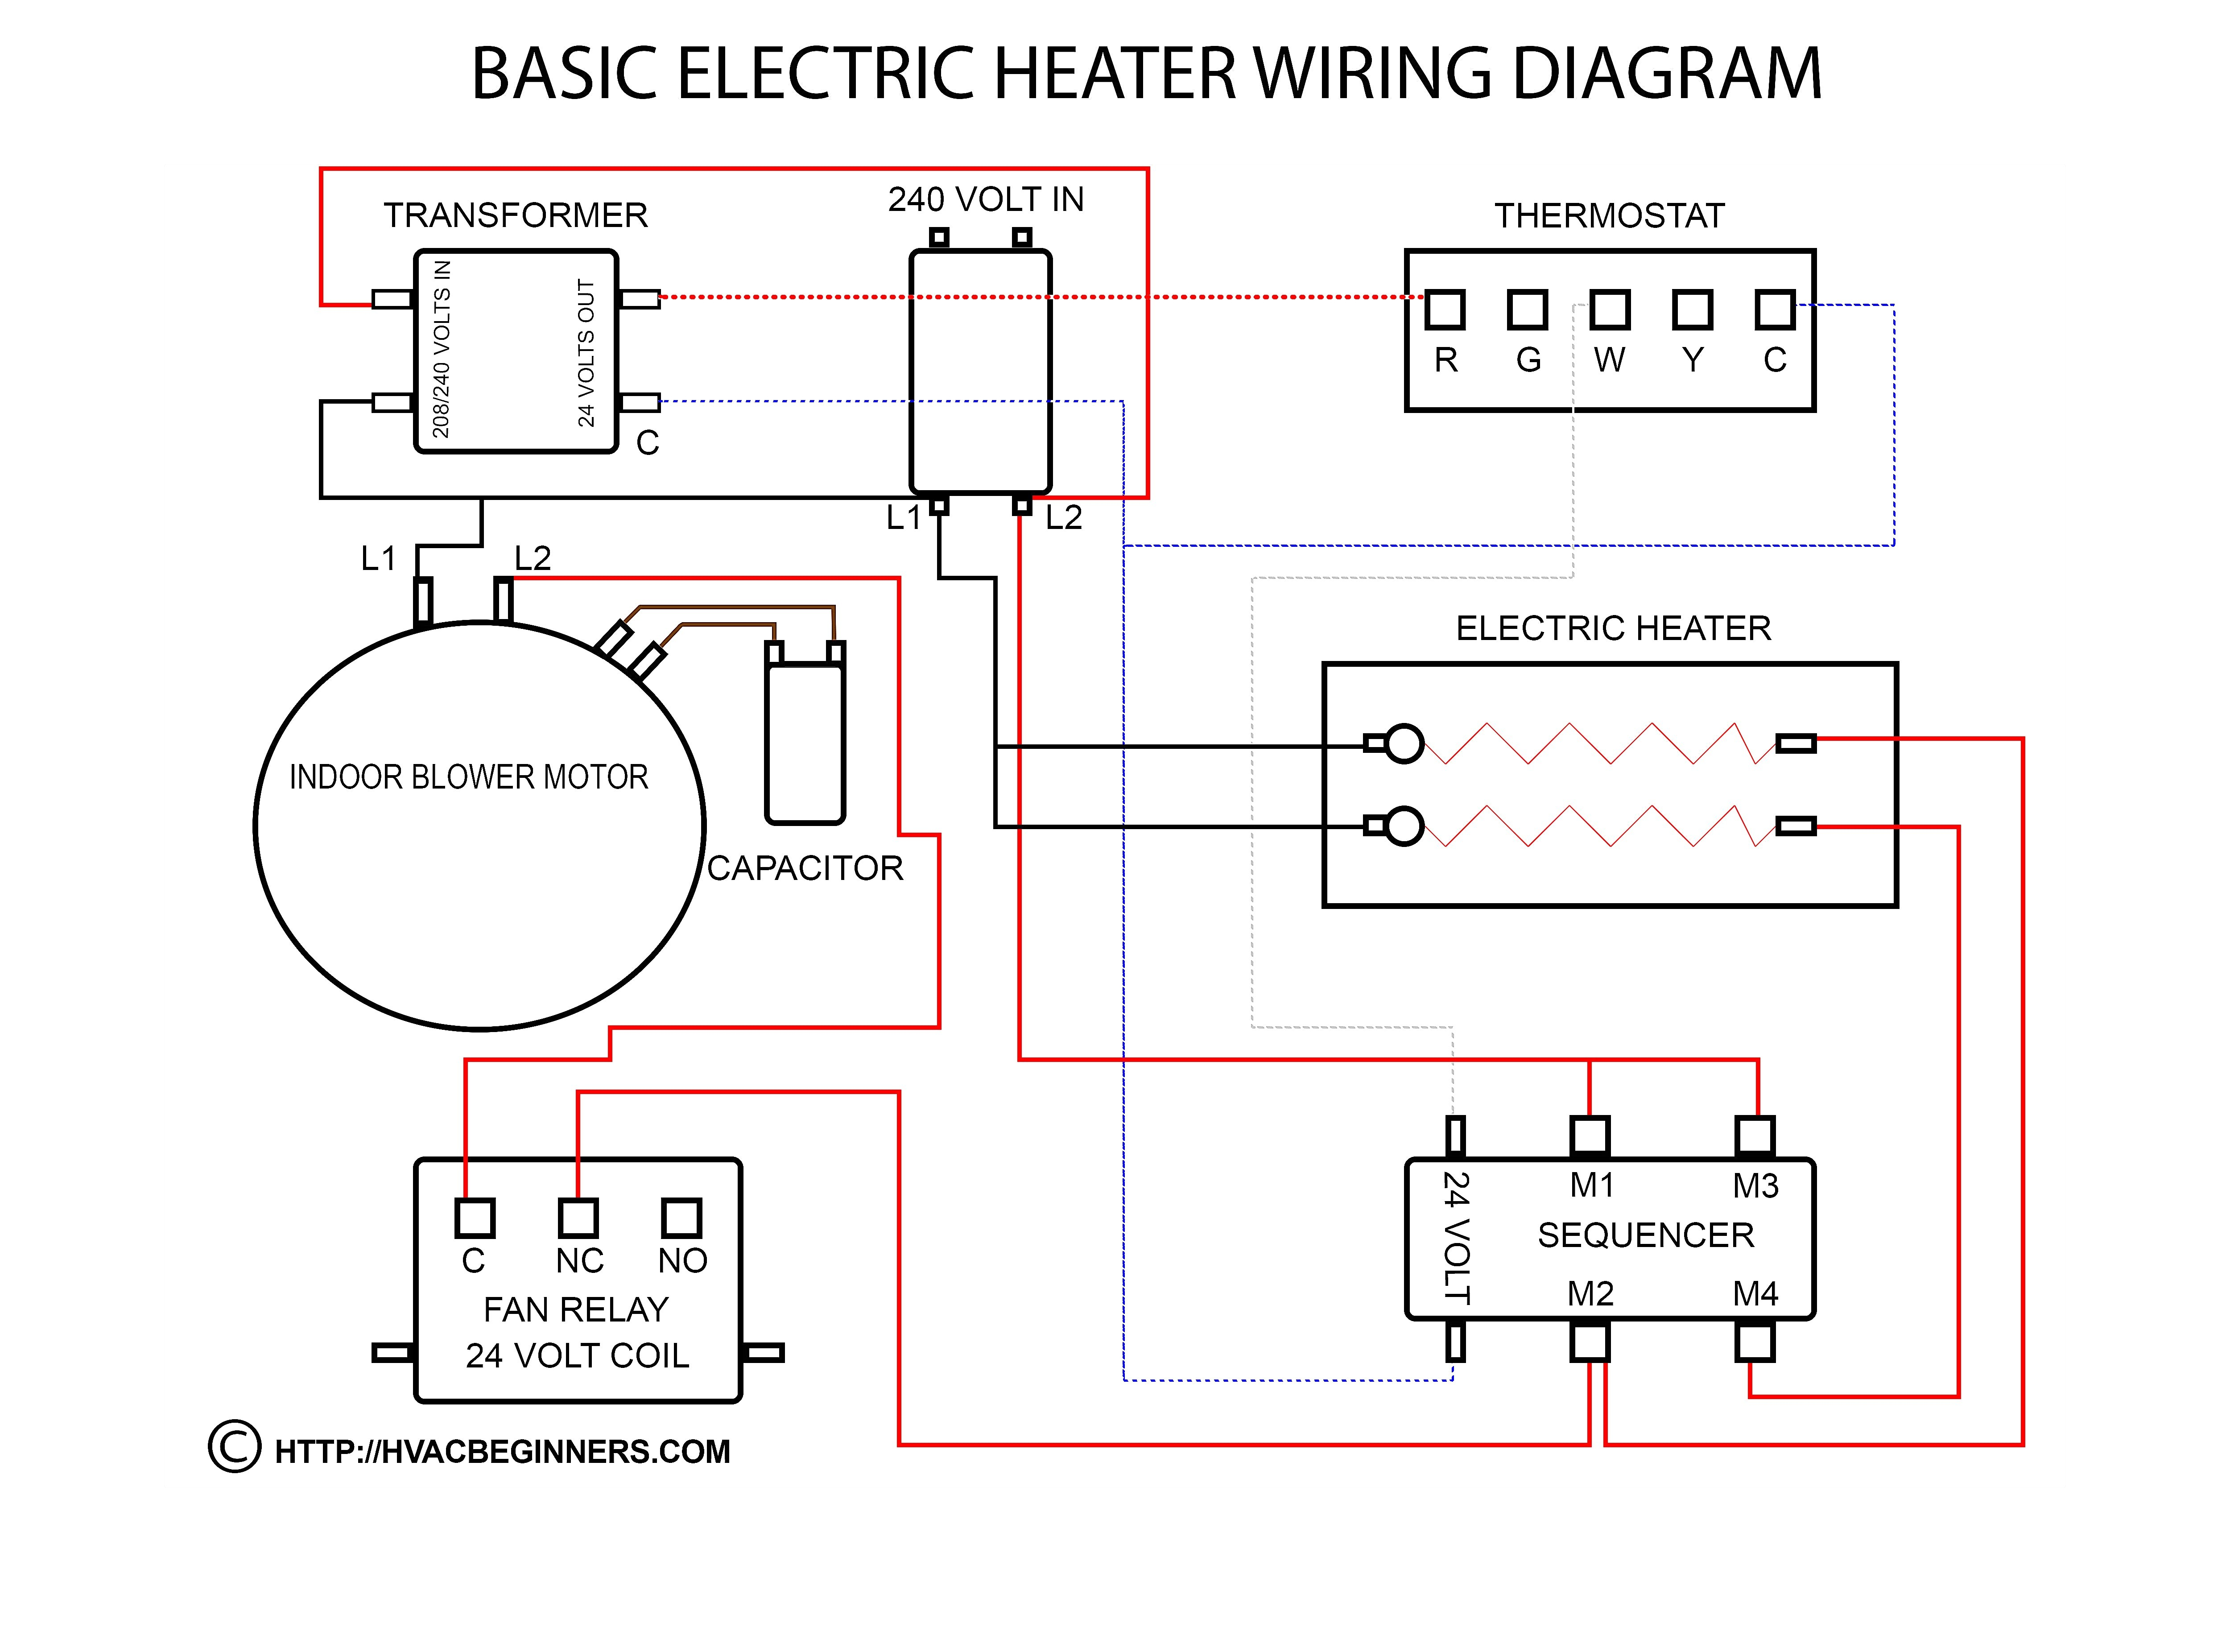 Gas Furnace Wiring Wiring Diagram Gas Furnace Wiring Diagram Discrd Me Gas Furnace Wiring Diagrams Hanging Luxair Gas Furnace Wiring Wiring A Furnace